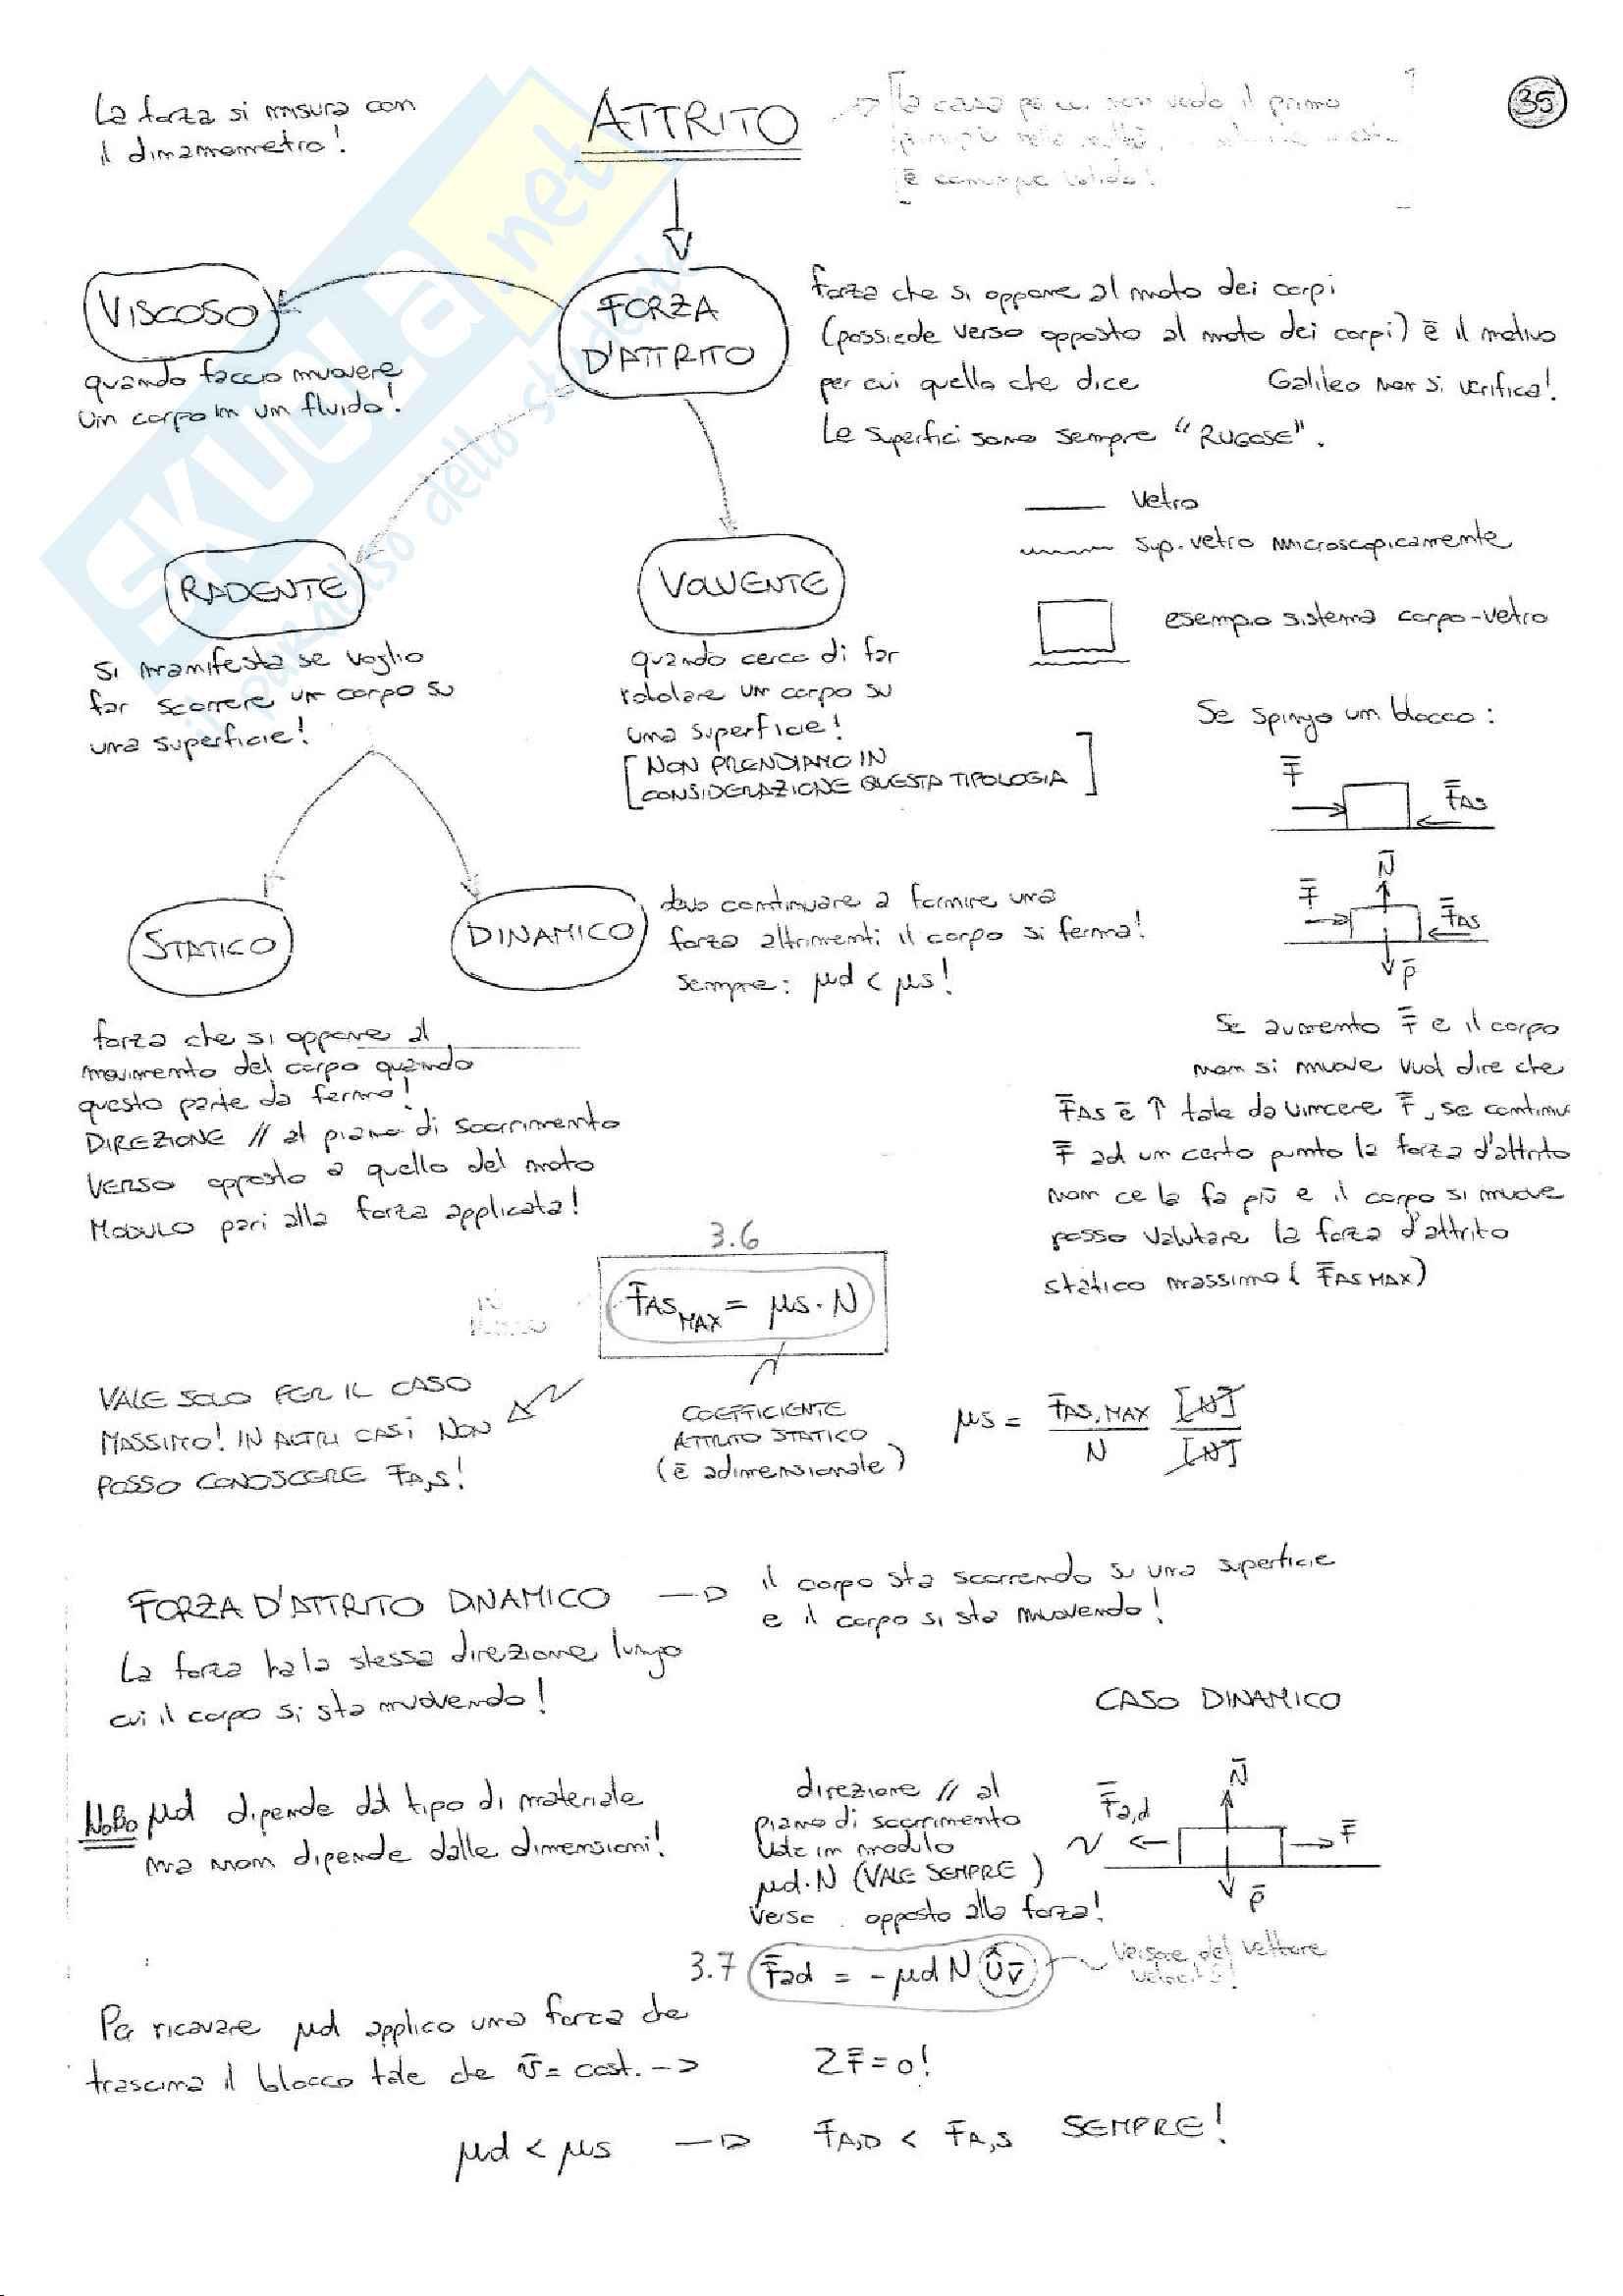 Riassunto e sintesi in schemi esame Fisica 1, prof. Barucca, libri consigliati: Elementi di Fisica - Meccanica - Termodinamica, Mazzoldi - Nigro - Voci; Fisica 1, Vannini - Gettys; Fisica - Volume 1, Mazzoldi - Nigro - Voci Pag. 36